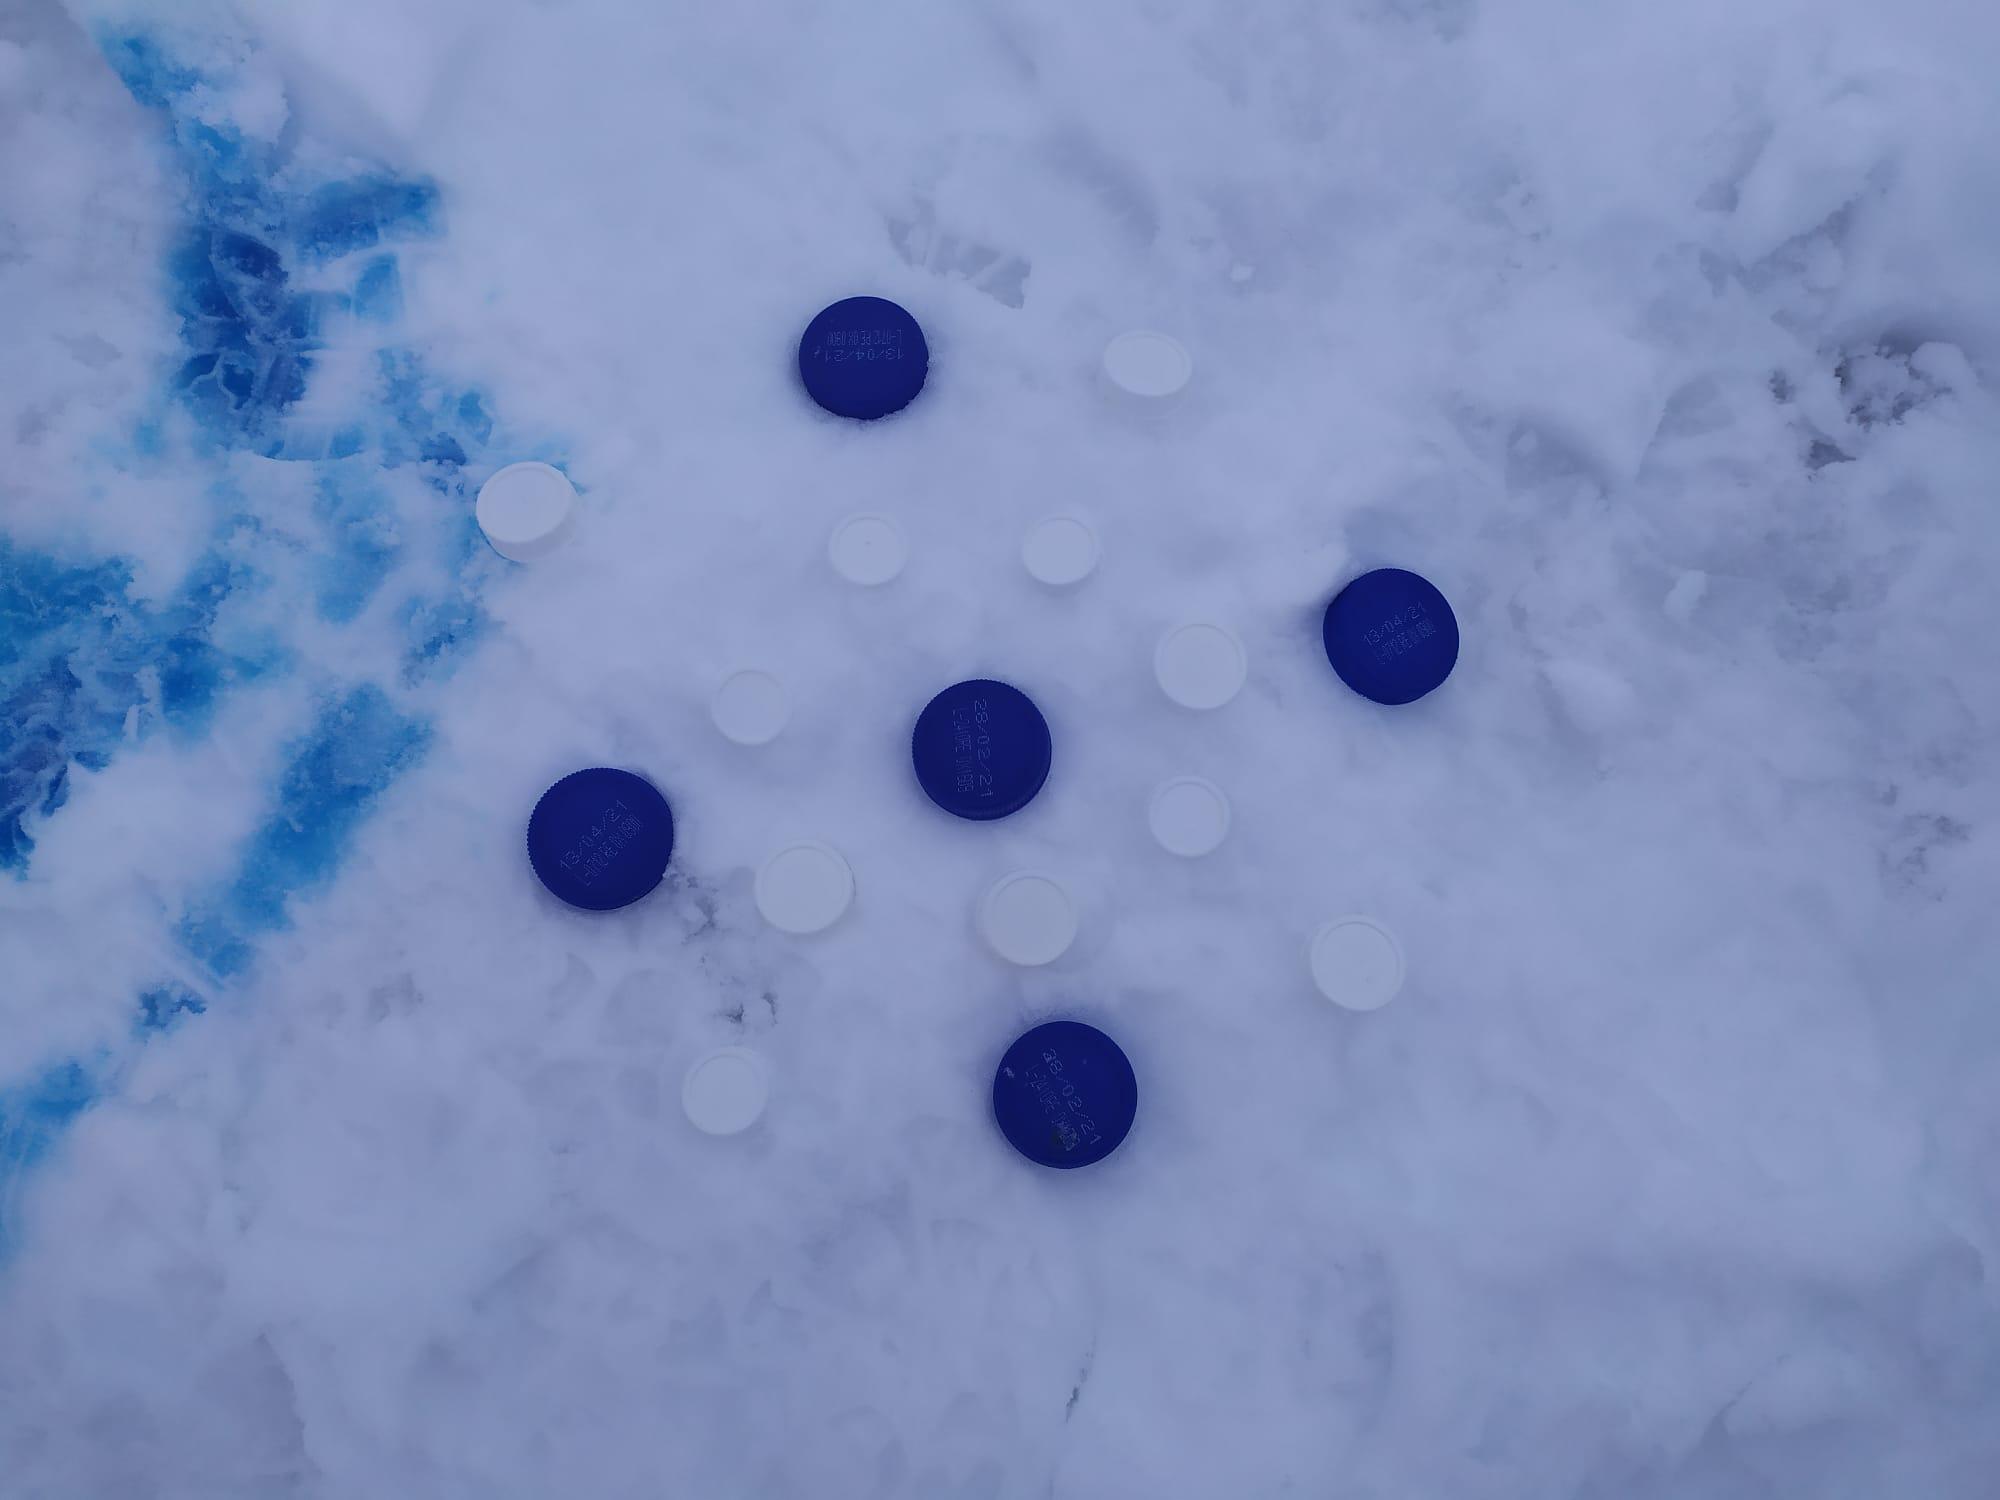 tapones que forman un mandala en la nieve